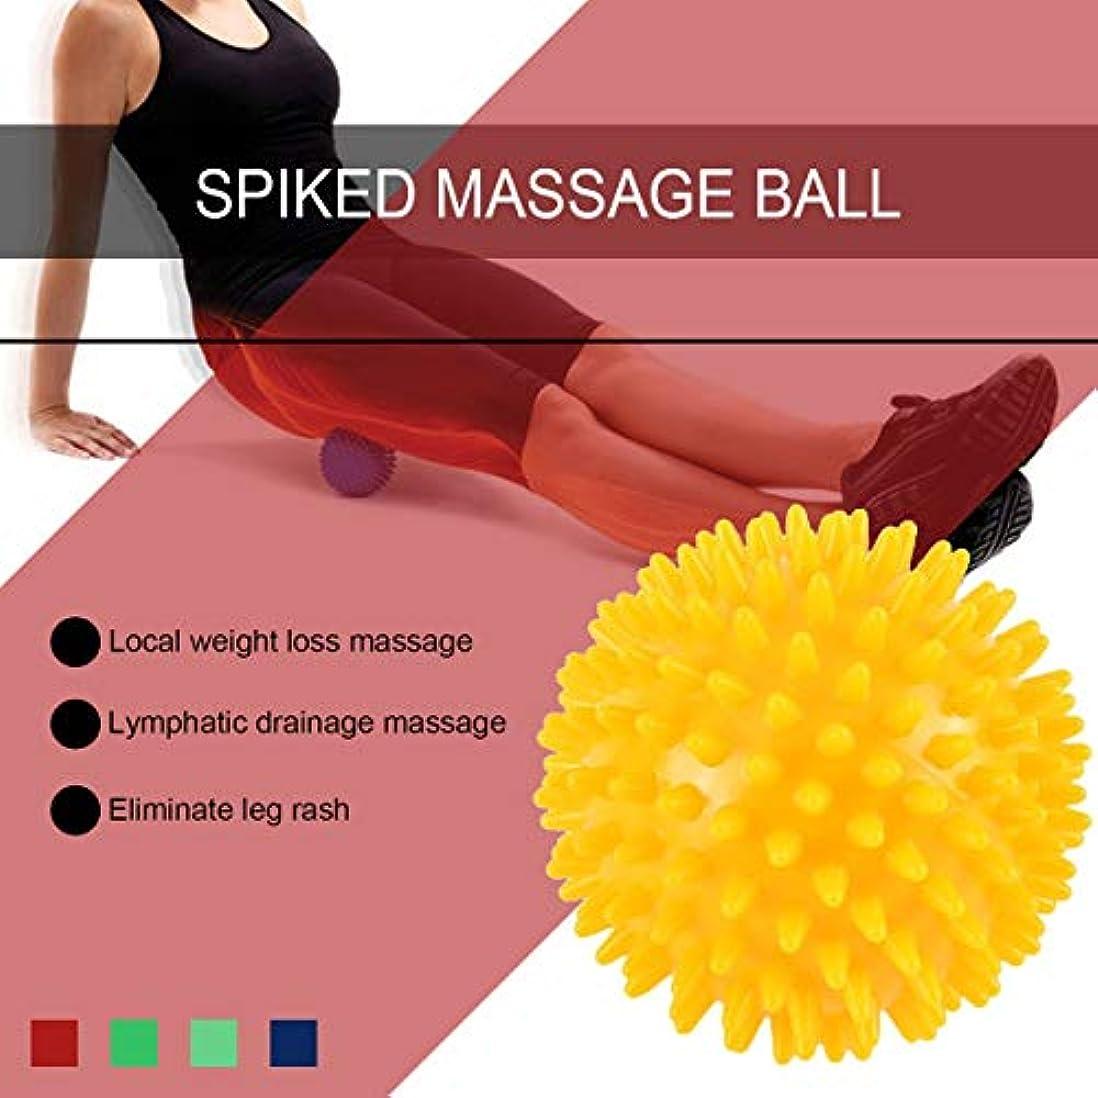 増幅するどれ憂鬱PVC高密度とがったマッサージボール足の痛み&足底筋膜炎緩和剤治療ハリネズミボールマッサージ指圧ボール